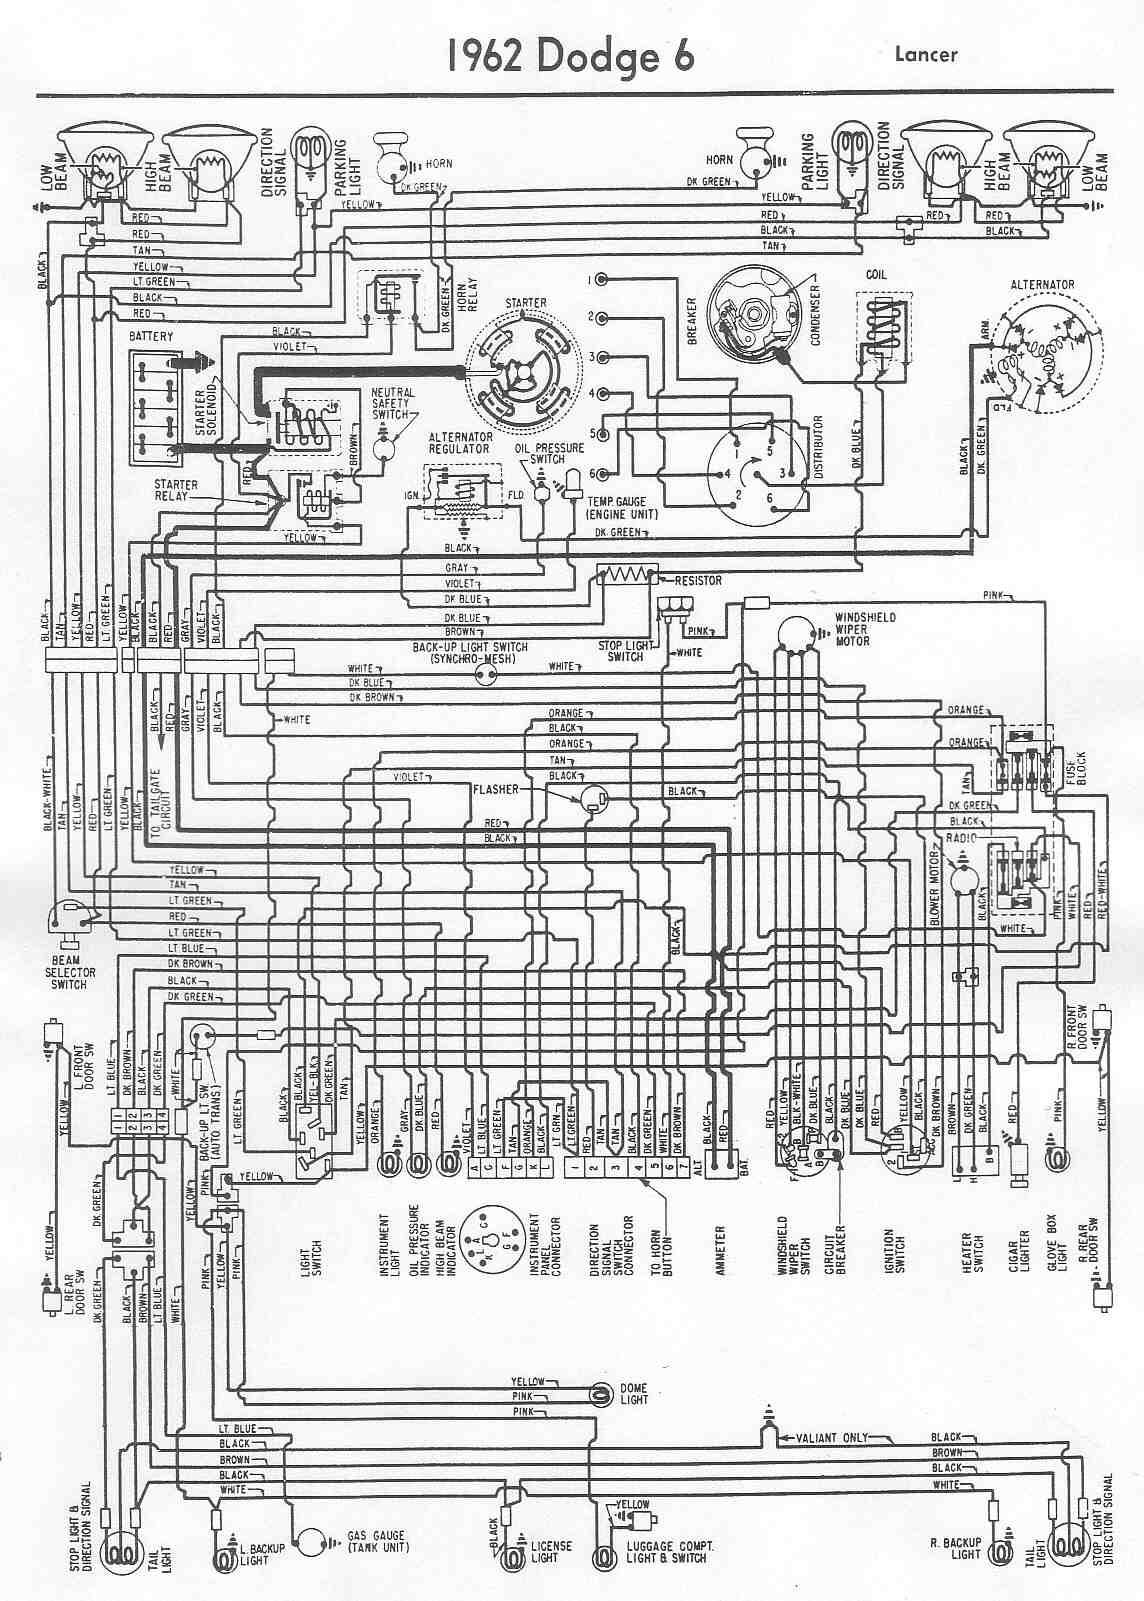 wiring diagram 1997 mitsubishi lancer 6 17 stromoeko de u2022wiring diagram 1997 mitsubishi lancer manual [ 1144 x 1601 Pixel ]